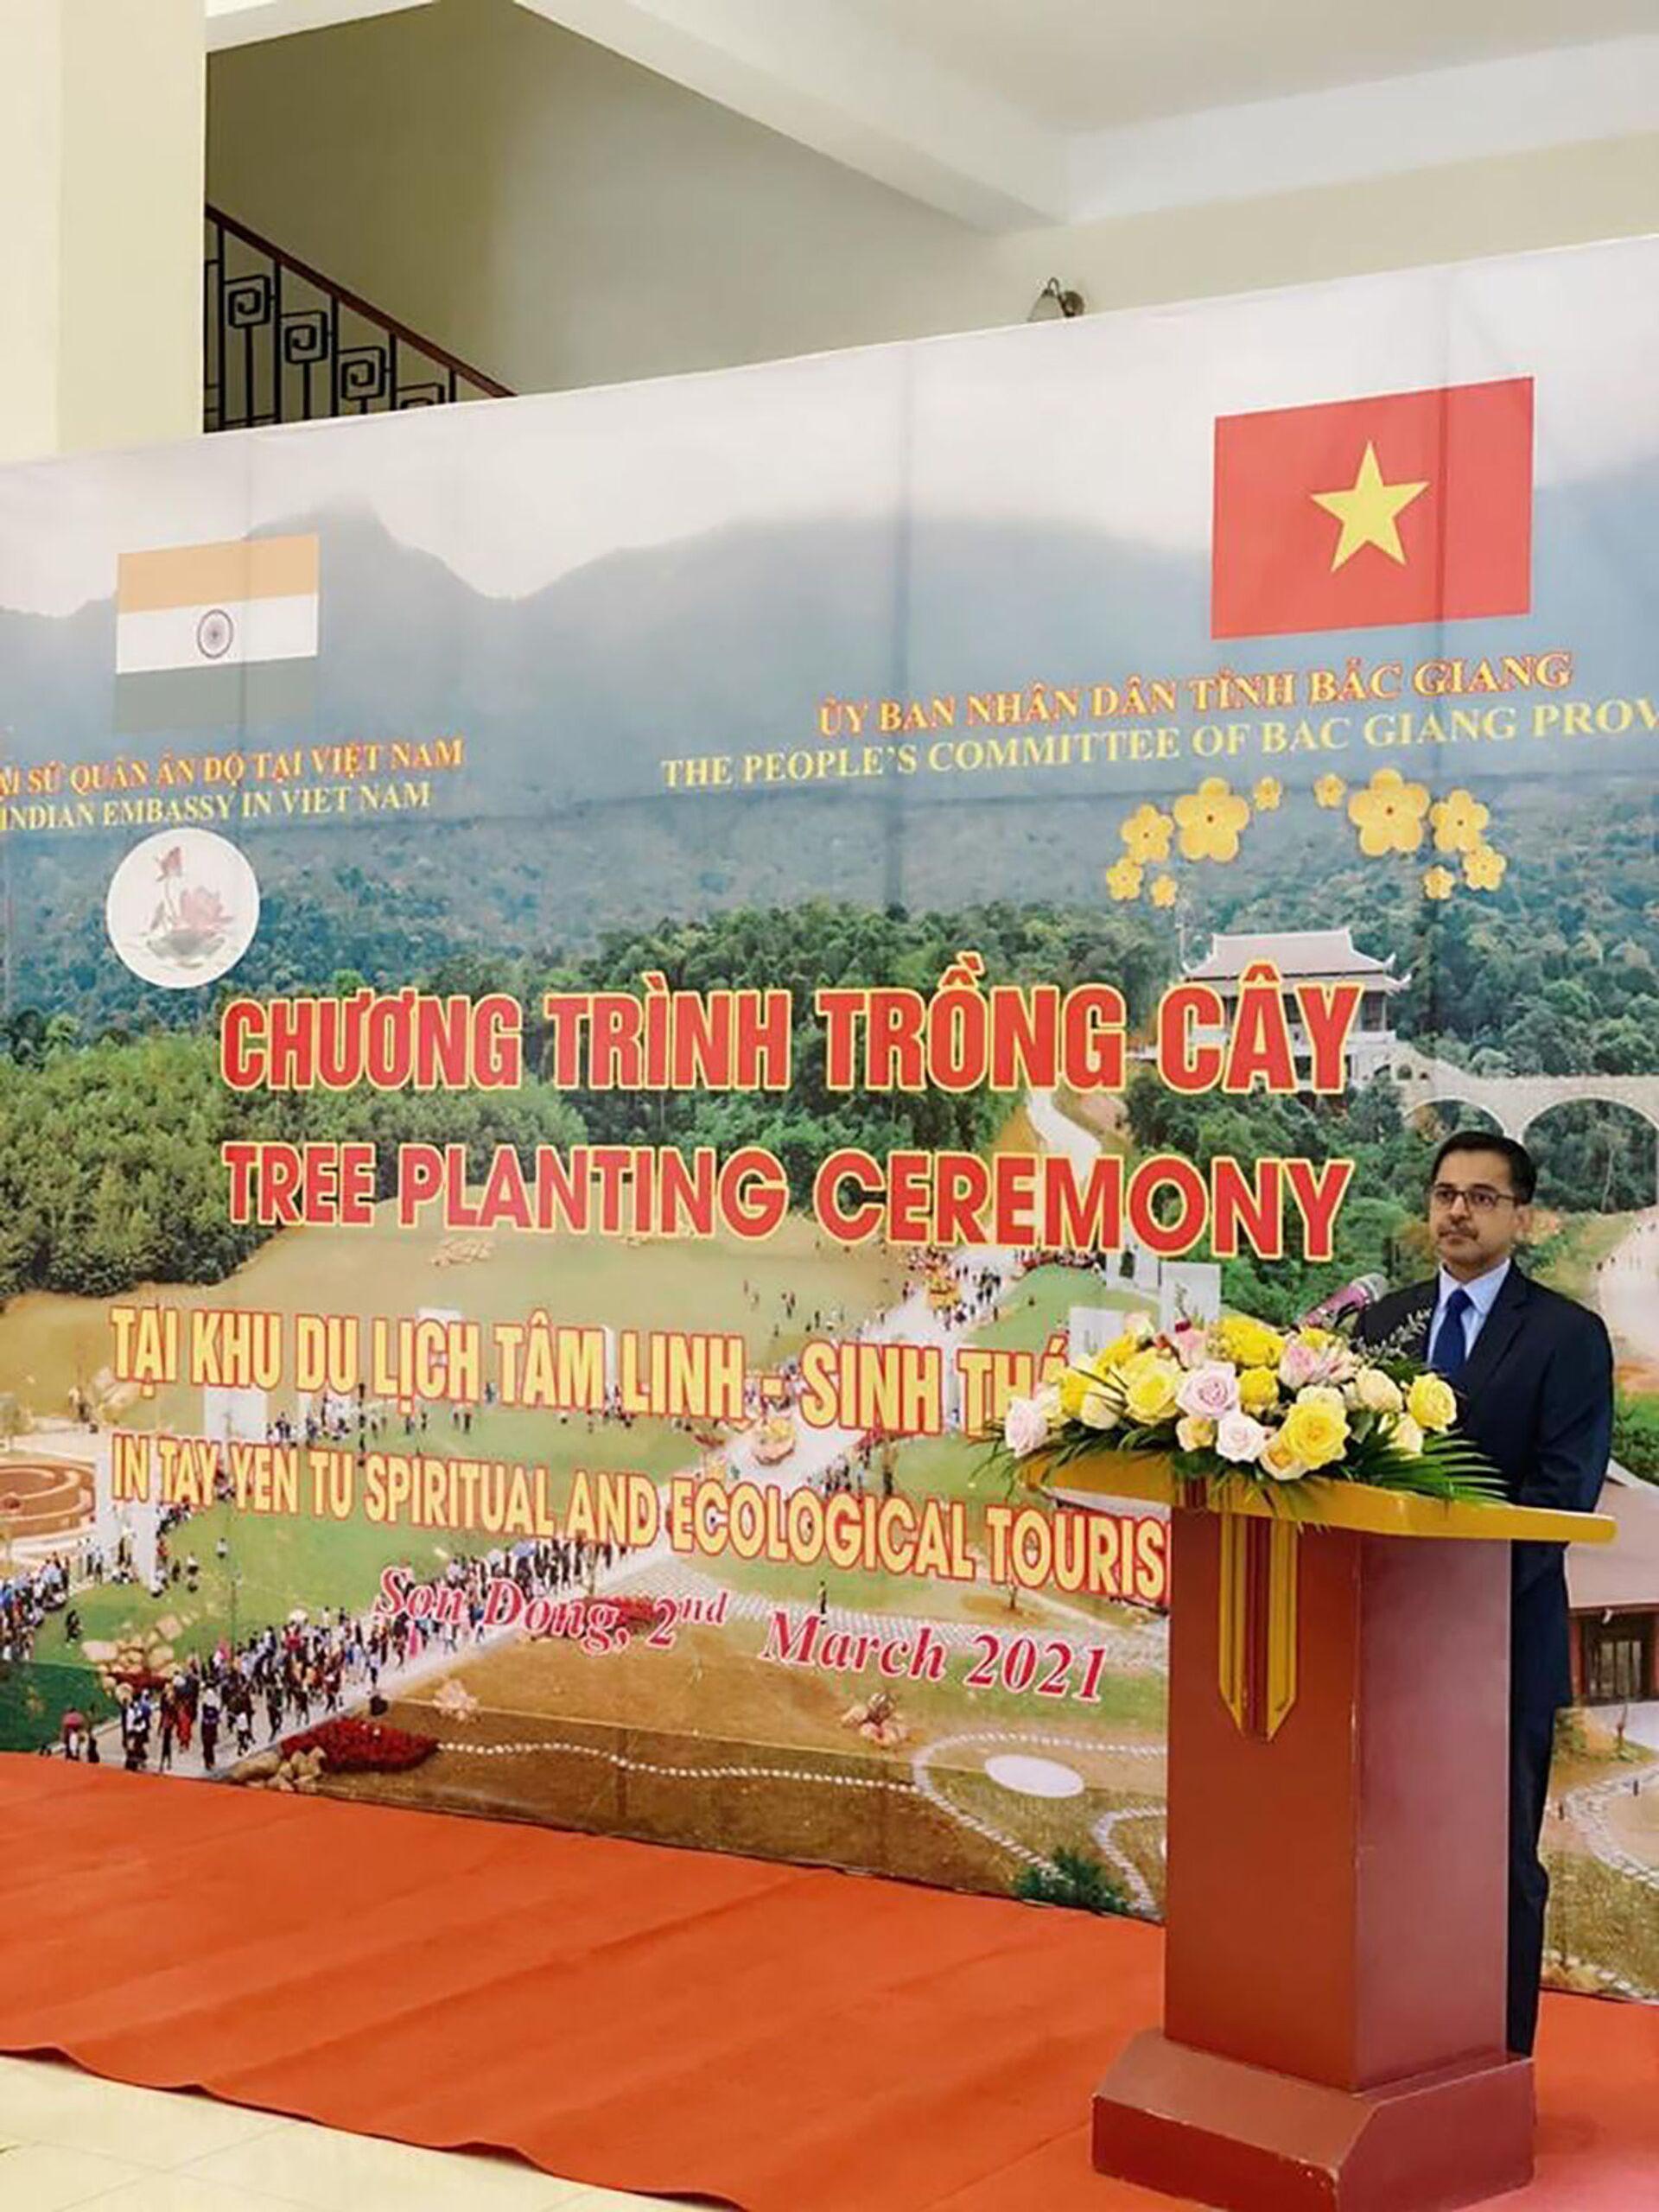 Tăng hợp tác quốc phòng: Vì sao Việt Nam ngày càng quan trọng với Ấn Độ? - Sputnik Việt Nam, 1920, 09.03.2021